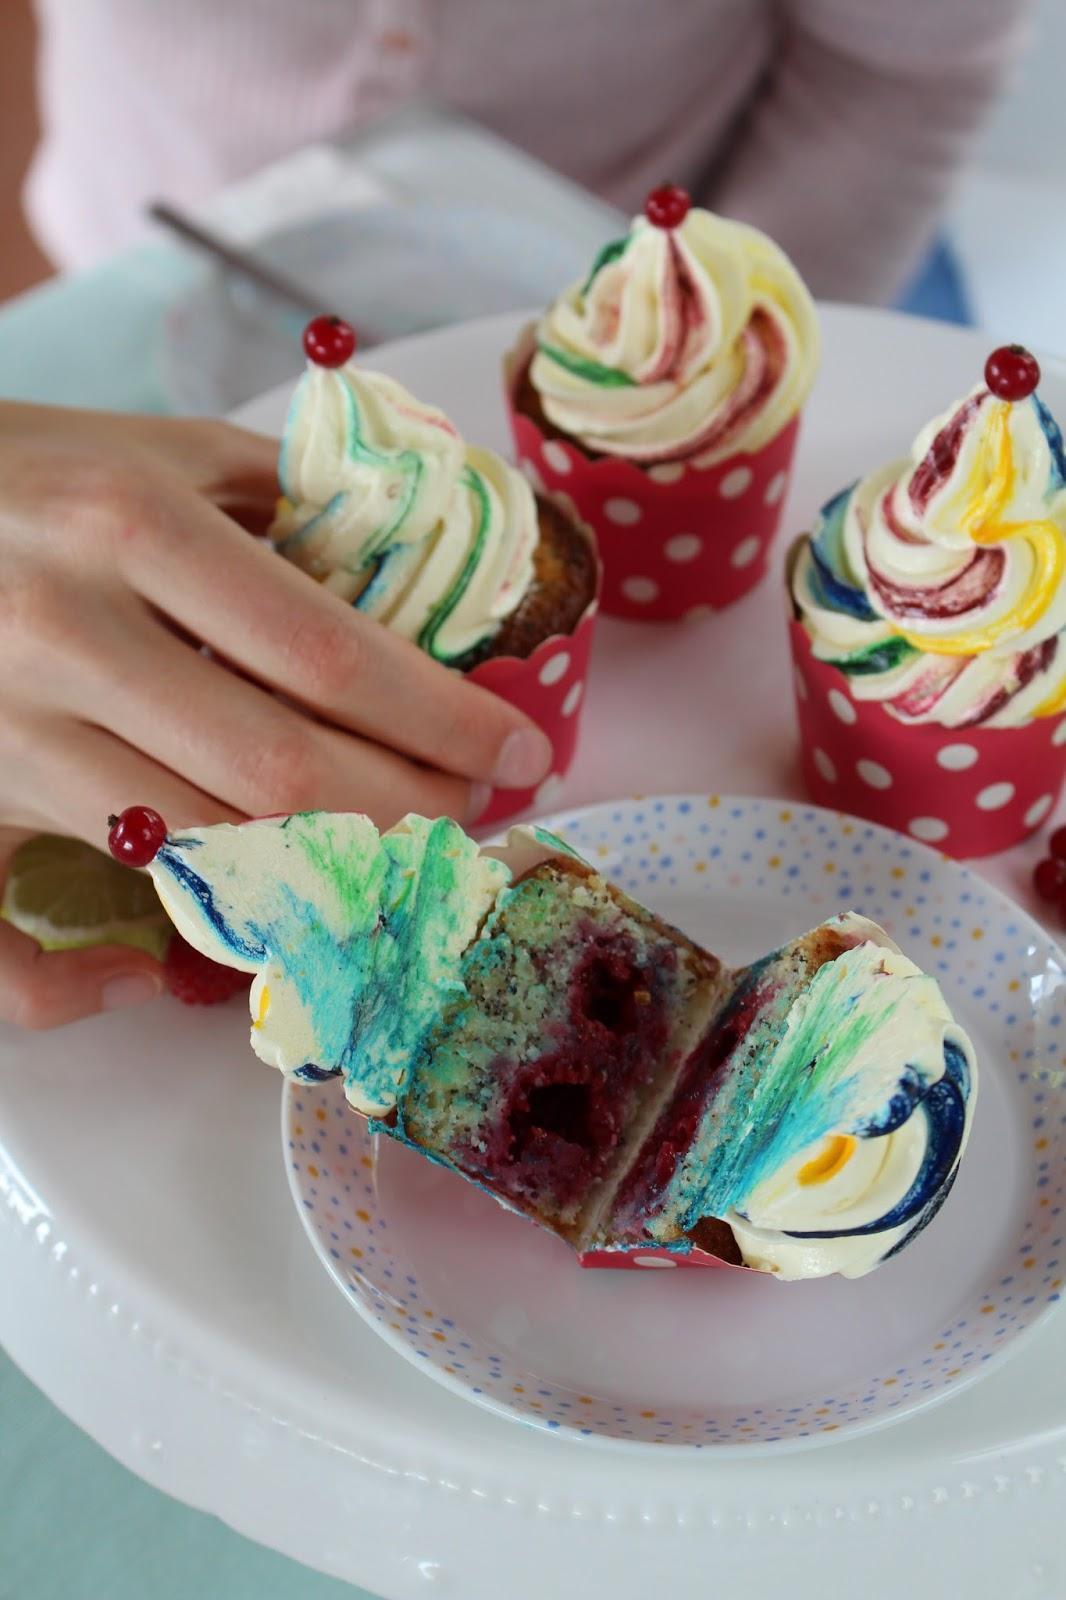 Zitrone-Mohn-Himbeeren-Cupcakes mit Regenbogen-Frosting